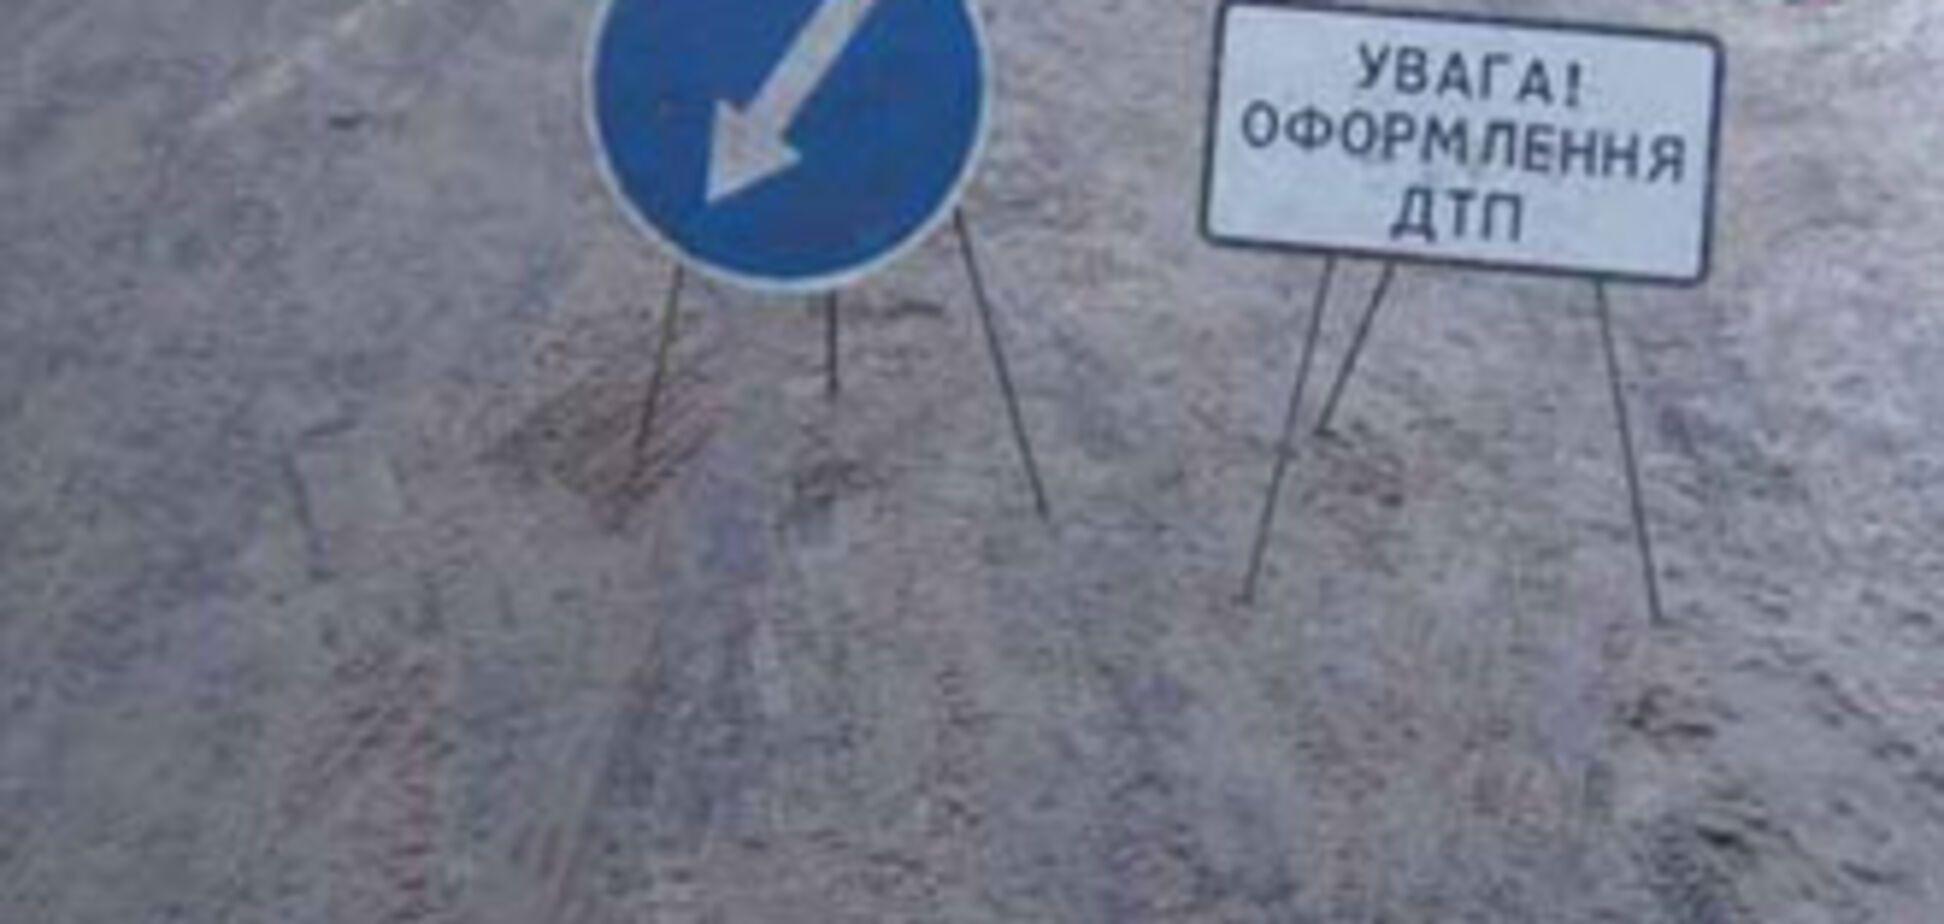 Іномарка протаранила натовп людей під Києвом, загинули діти